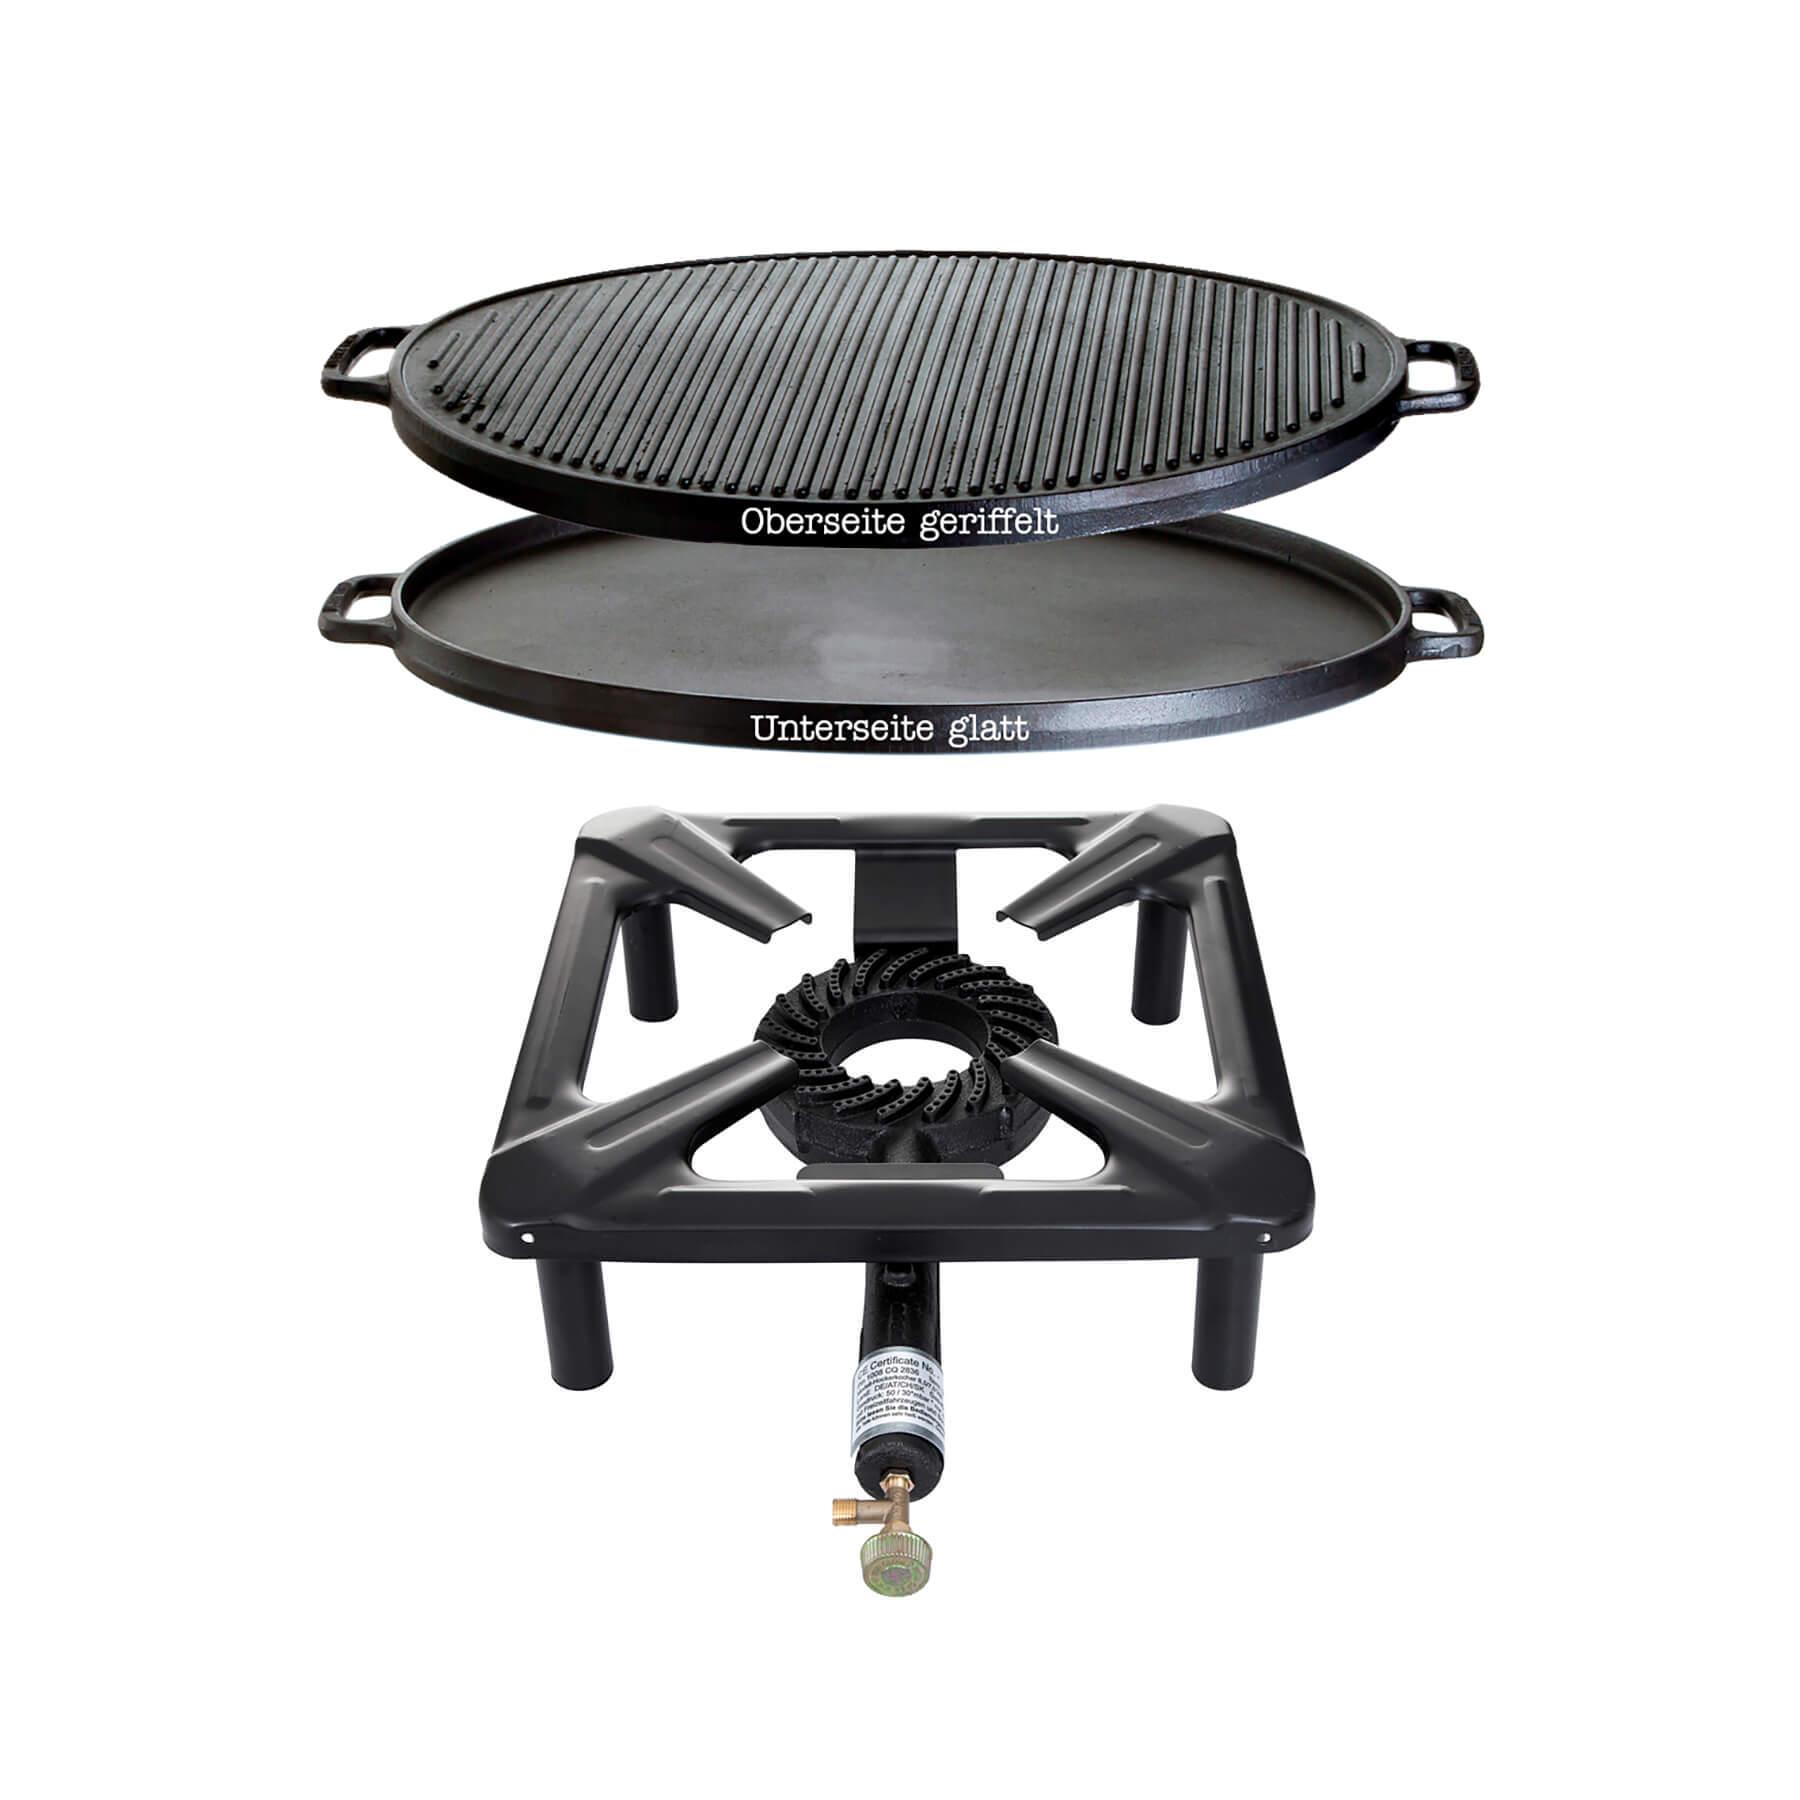 Hockerkocher-Set (groß) mit Gusseisengrillplatte Ø 45 cm - ohne Zündsicherung Bild 1